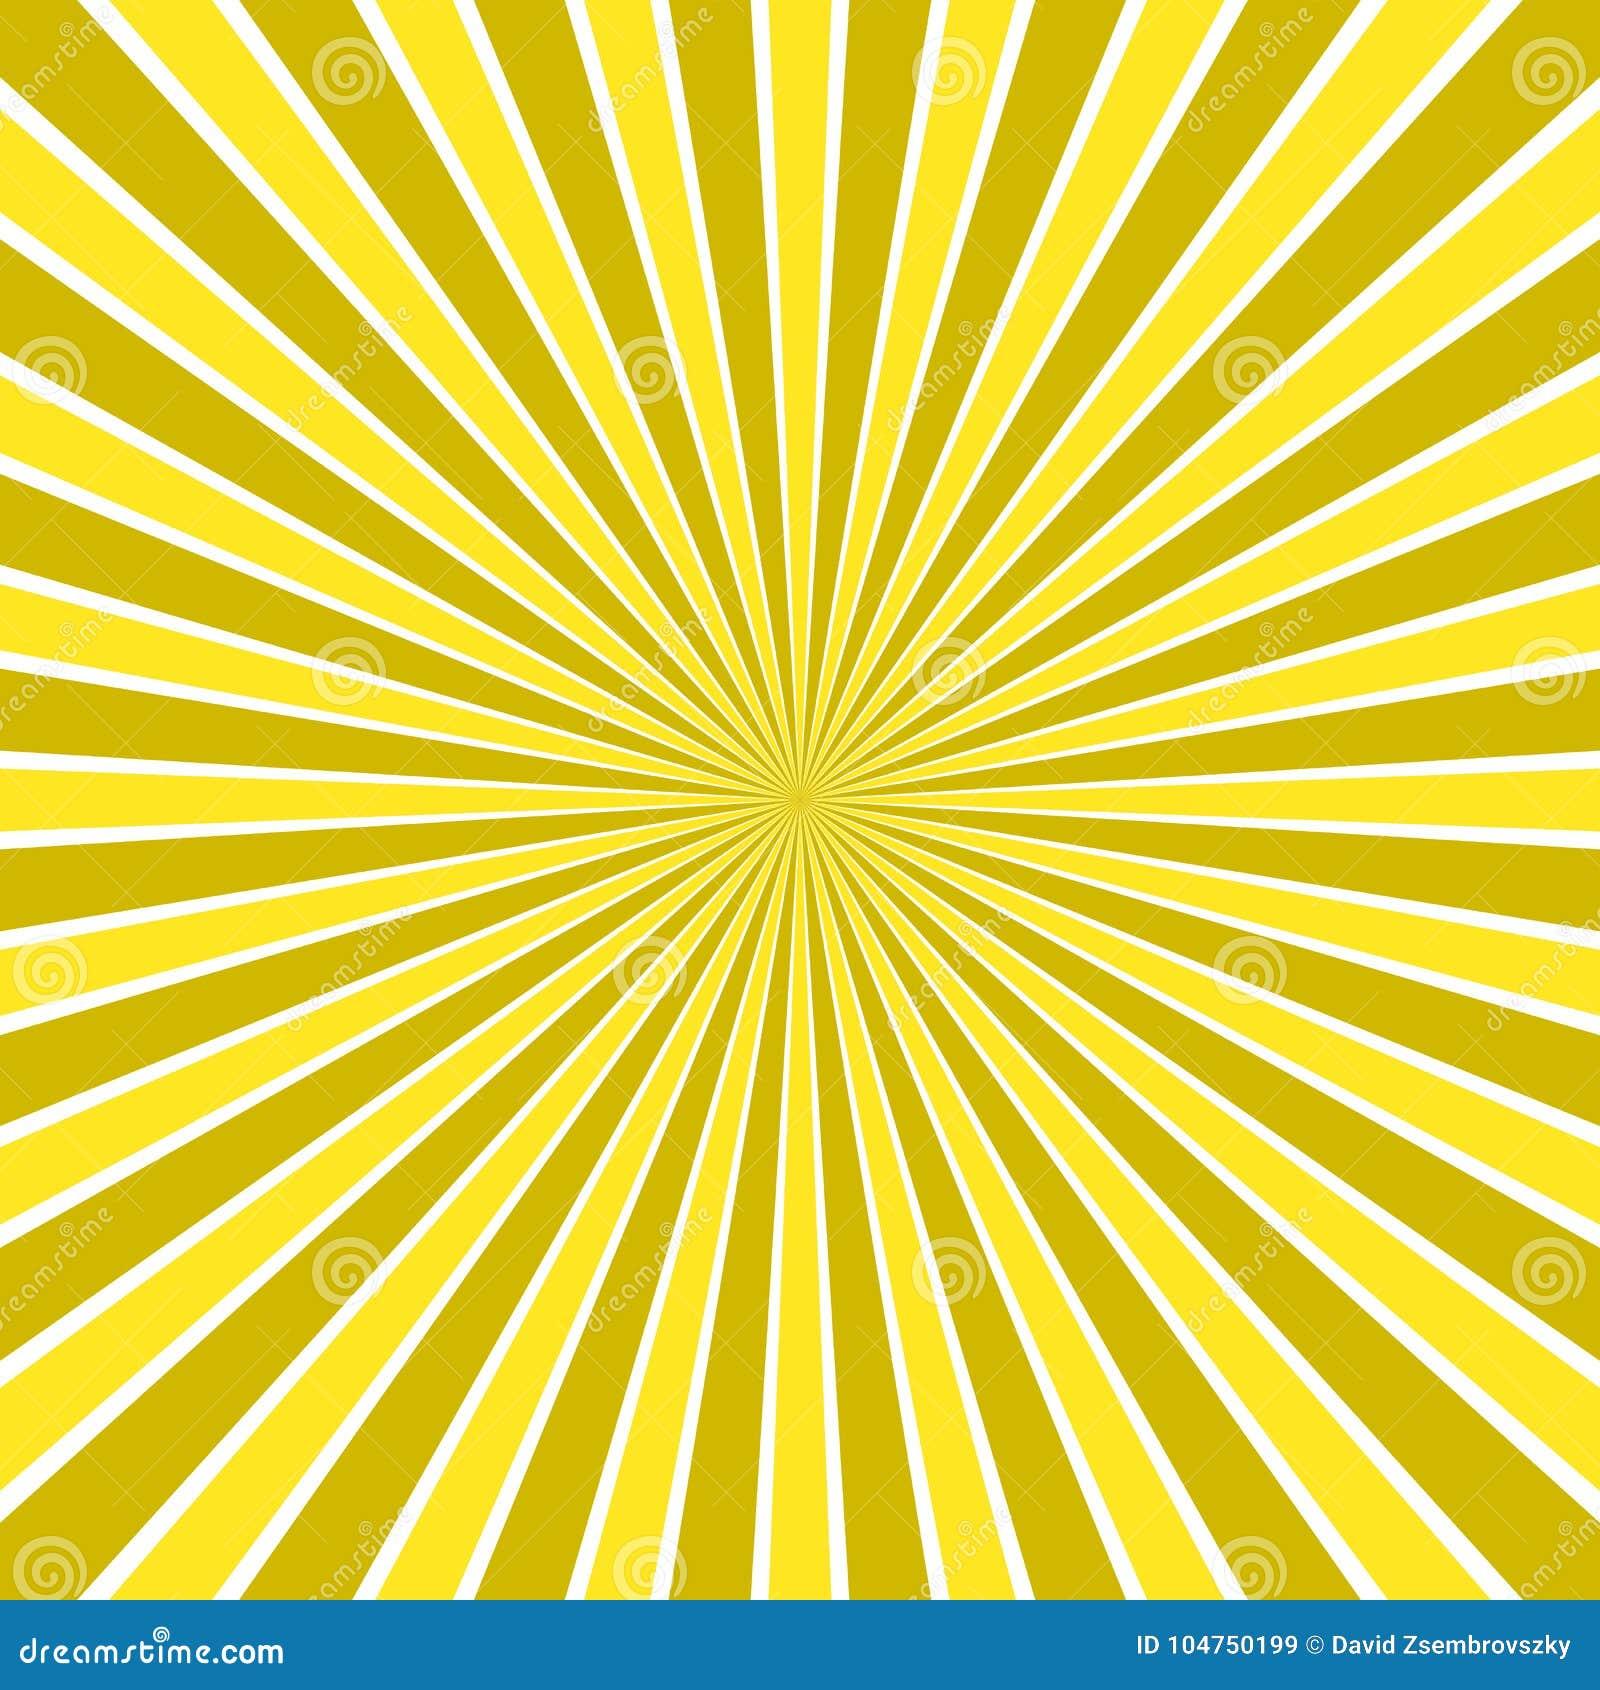 动态抽象太阳发出光线背景-从辐形条纹样式的可笑的传染媒介设计